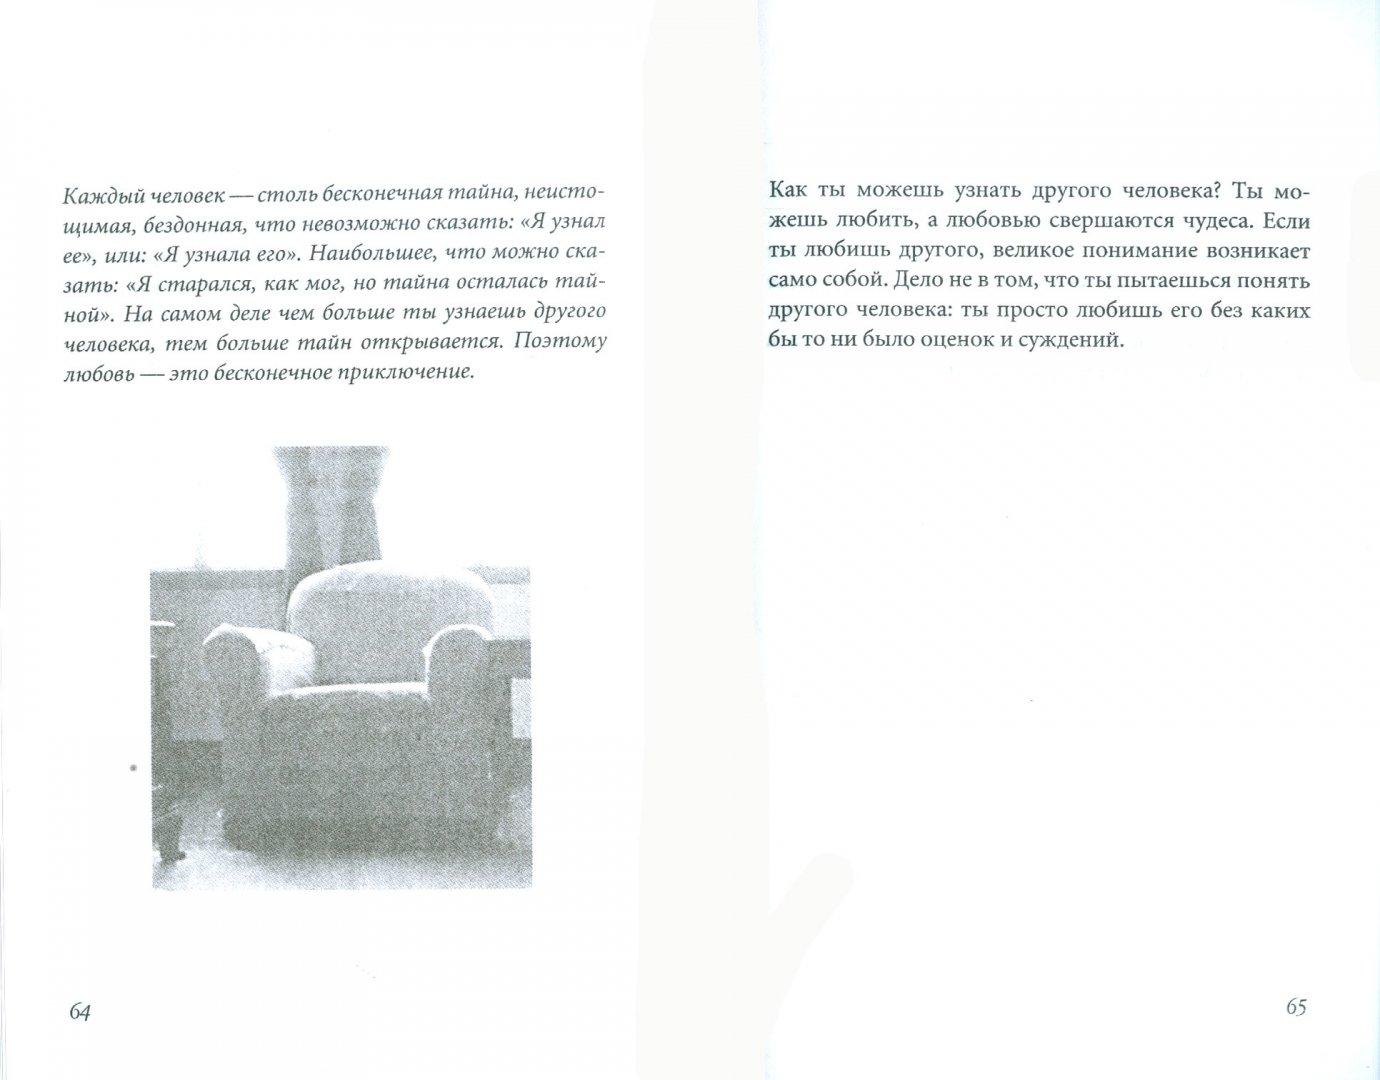 Иллюстрация 1 из 15 для О восприятии. Усомнись в своих ответах - Ошо Багван Шри Раджниш   Лабиринт - книги. Источник: Лабиринт